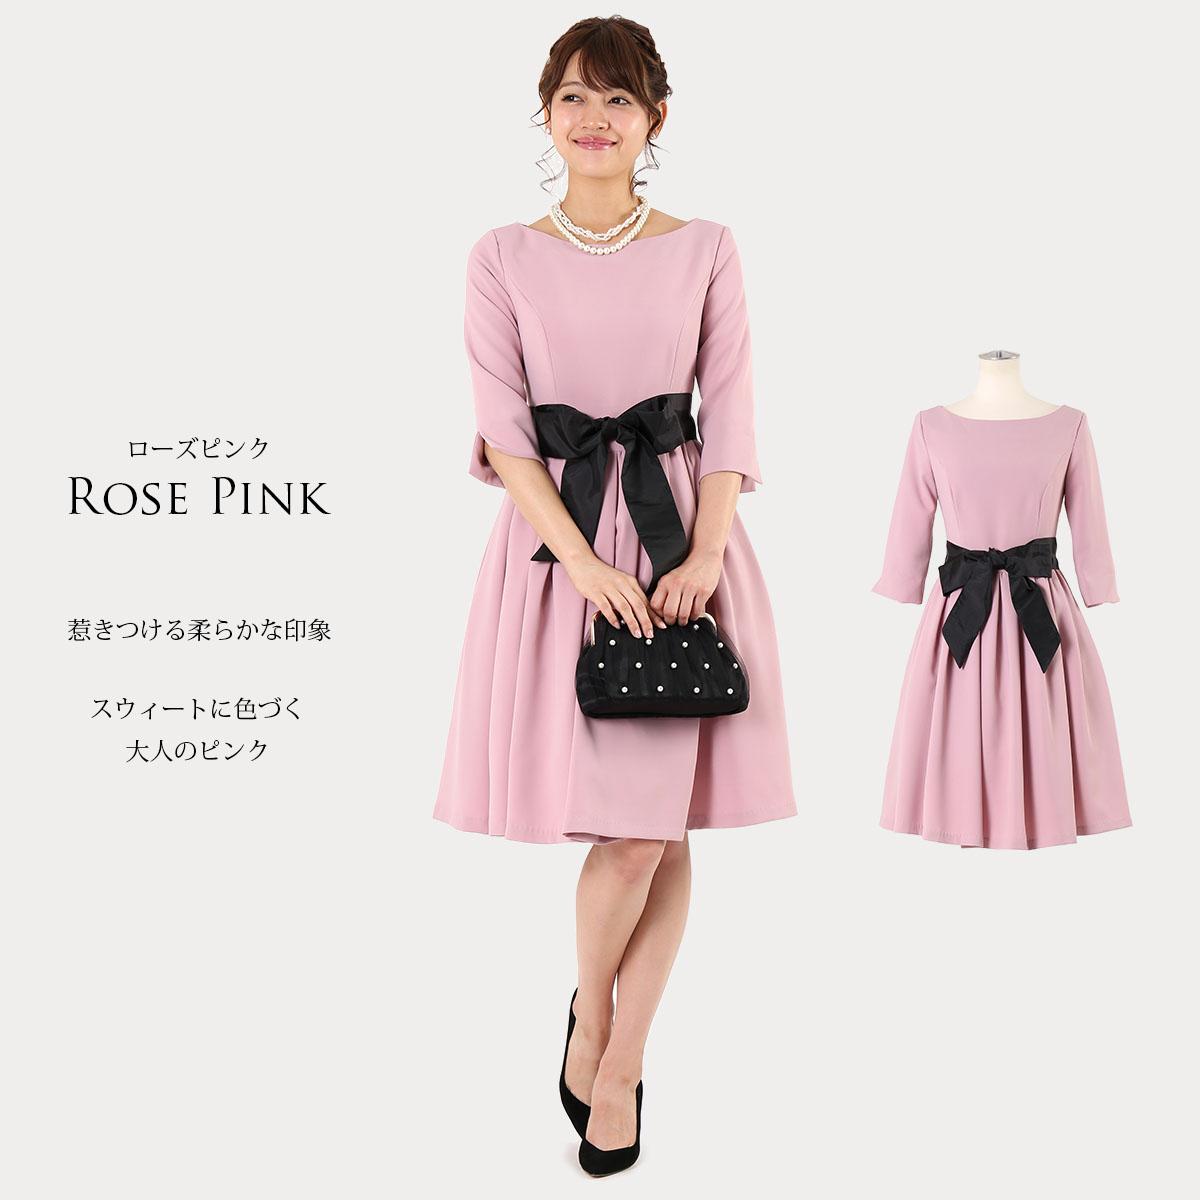 長袖のドレス